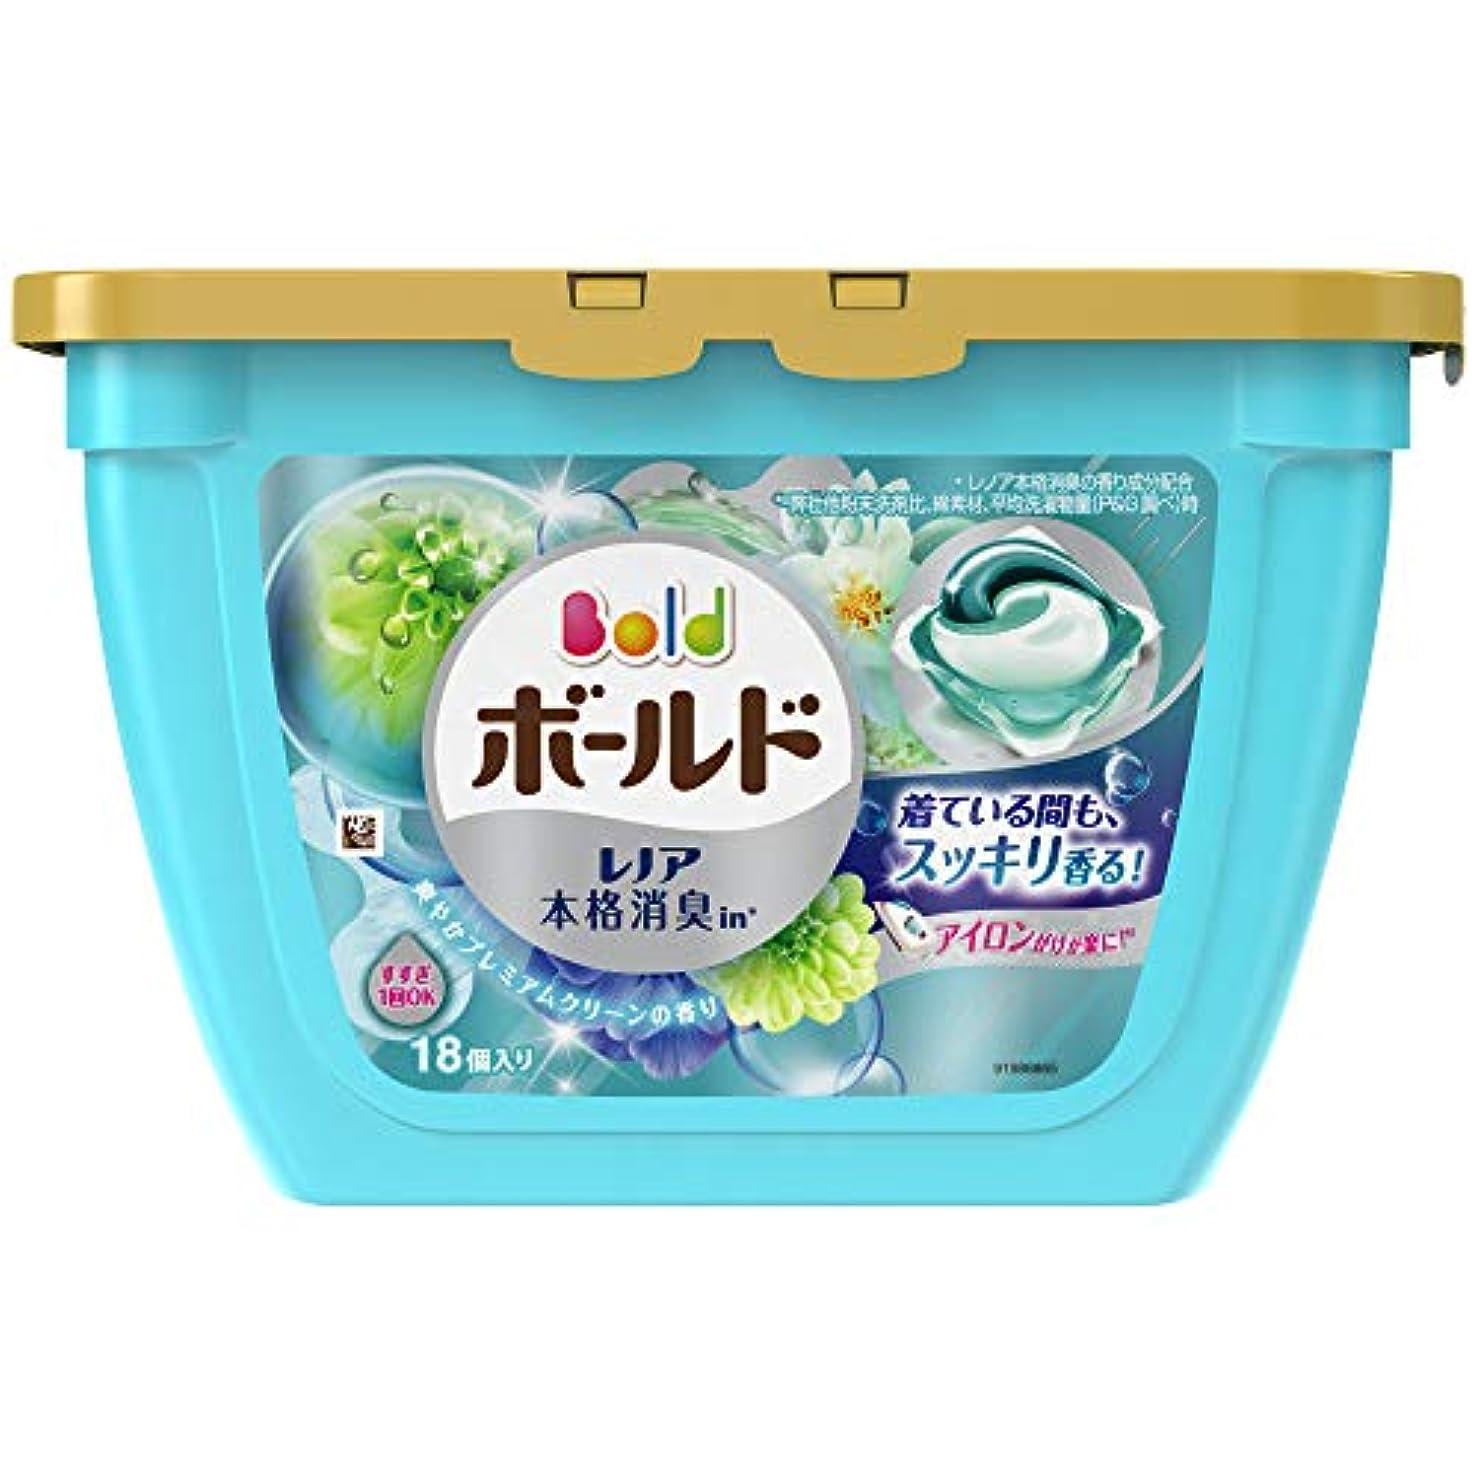 回復自慢はっきりしないボールド 洗濯洗剤 ジェルボール3D 爽やかプレミアムクリーンの香り 本体 18個